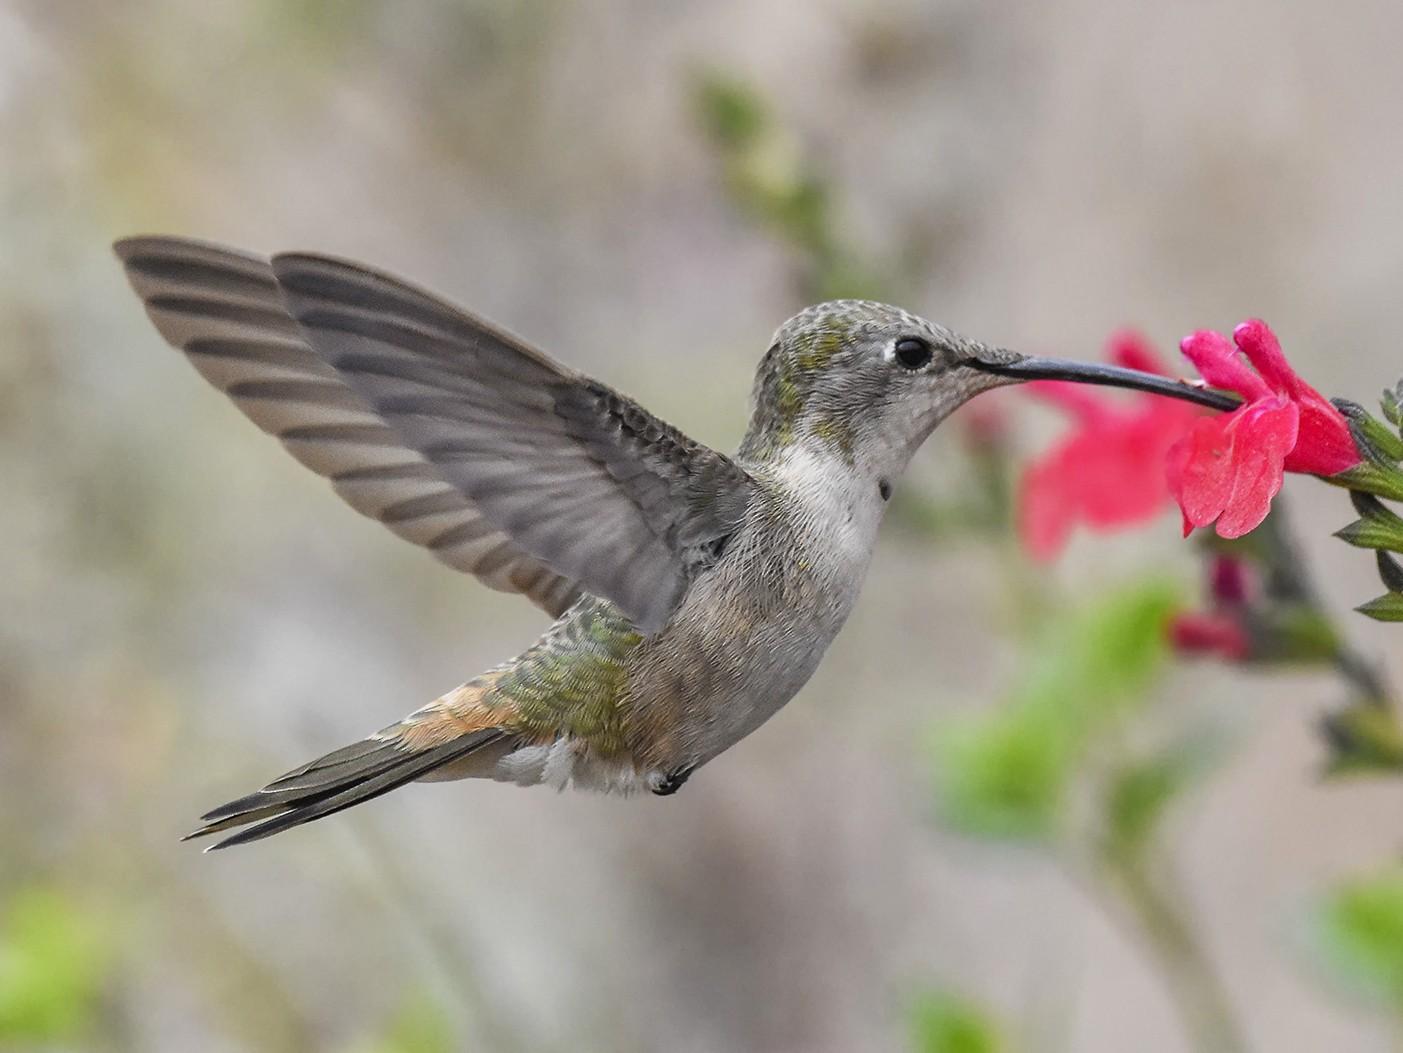 Oasis Hummingbird - VERONICA ARAYA GARCIA